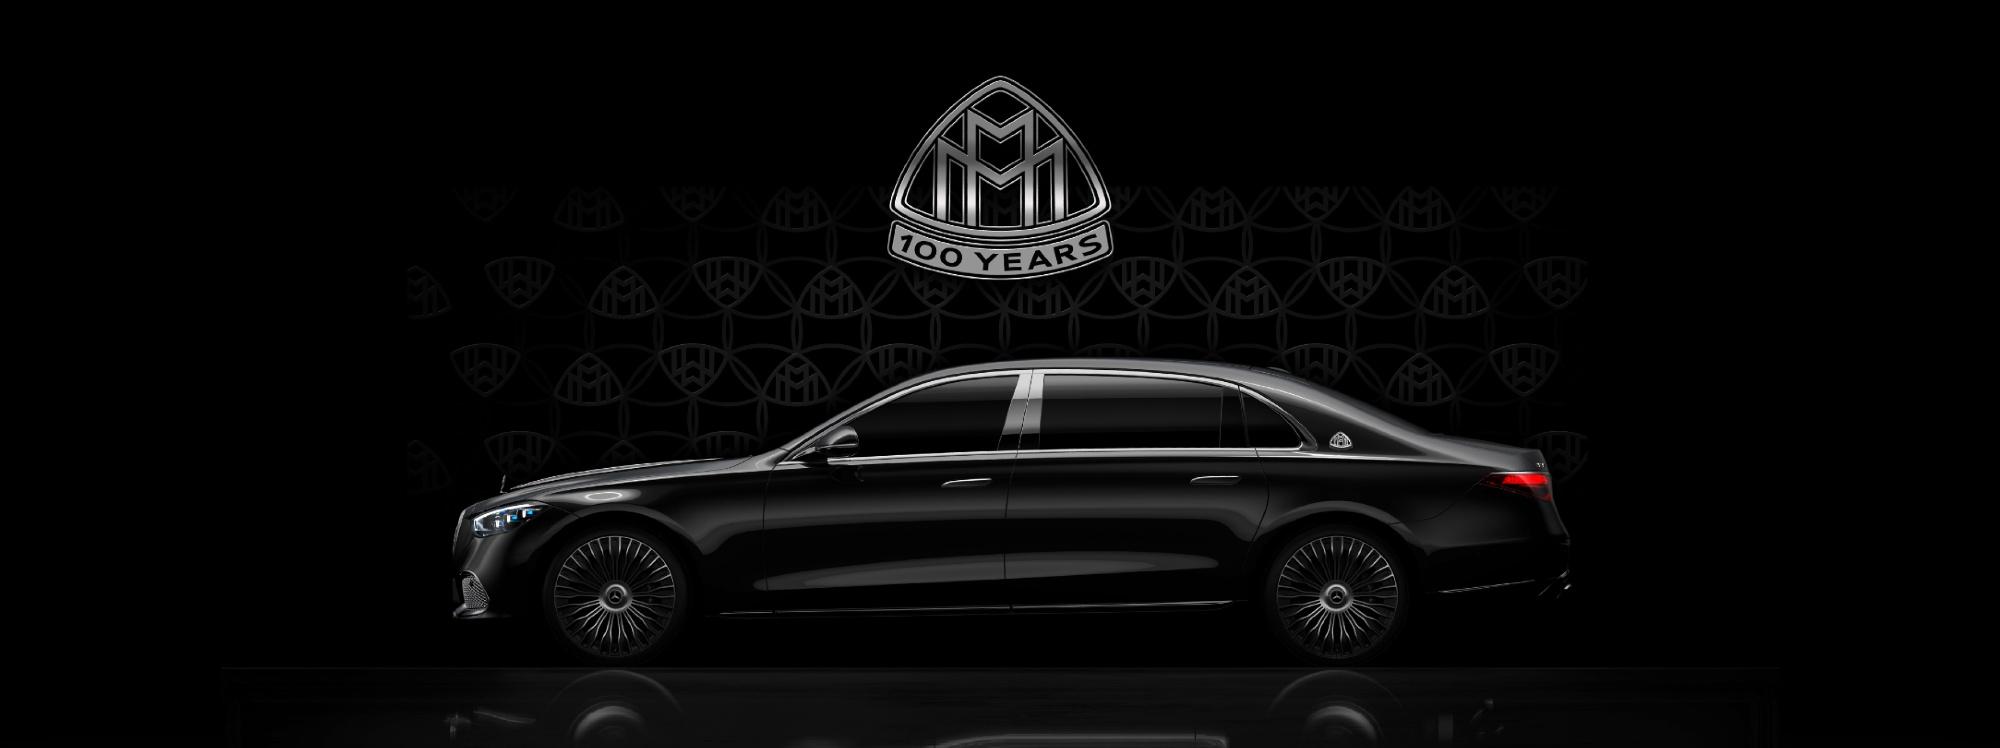 Mercedes-Maybach 100 años como pináculo de lujo y empoderamiento creativo